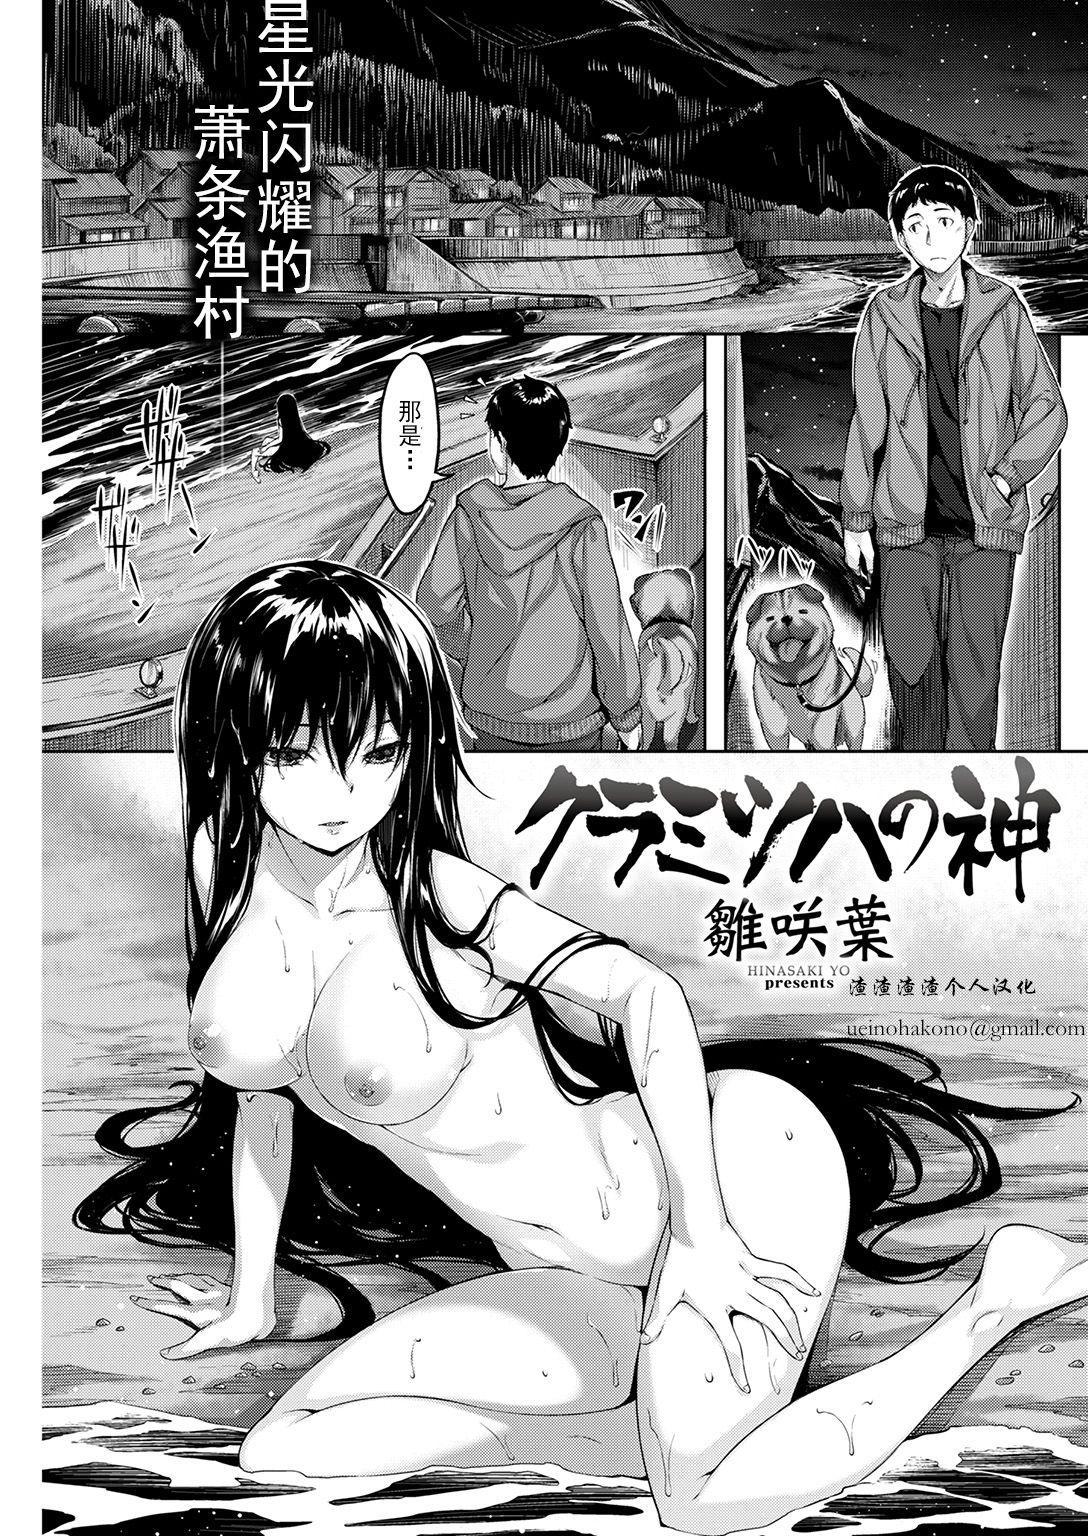 Kuramitsuha no Kami 0